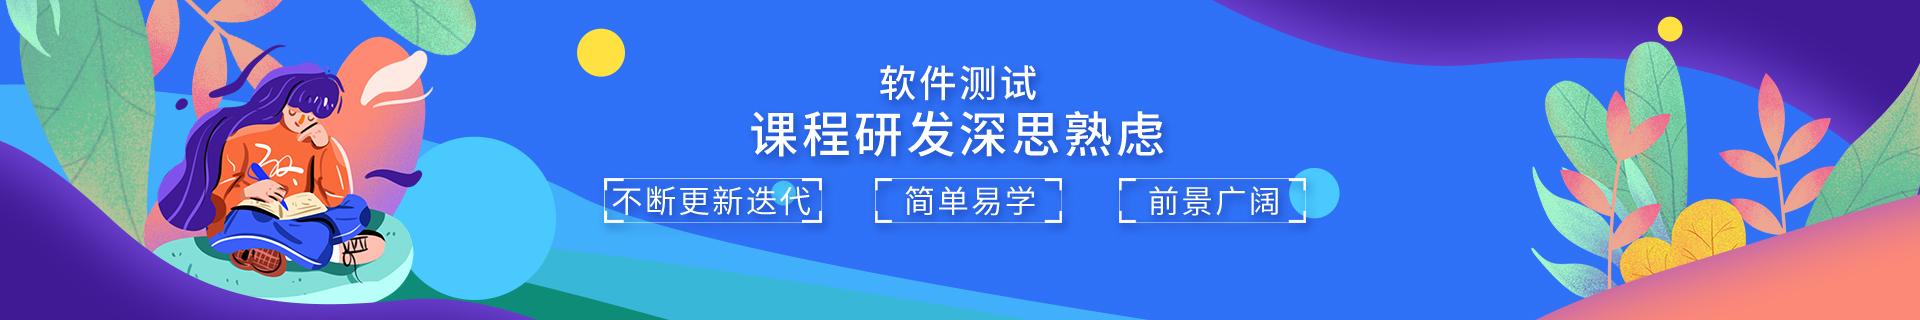 银川软件测试